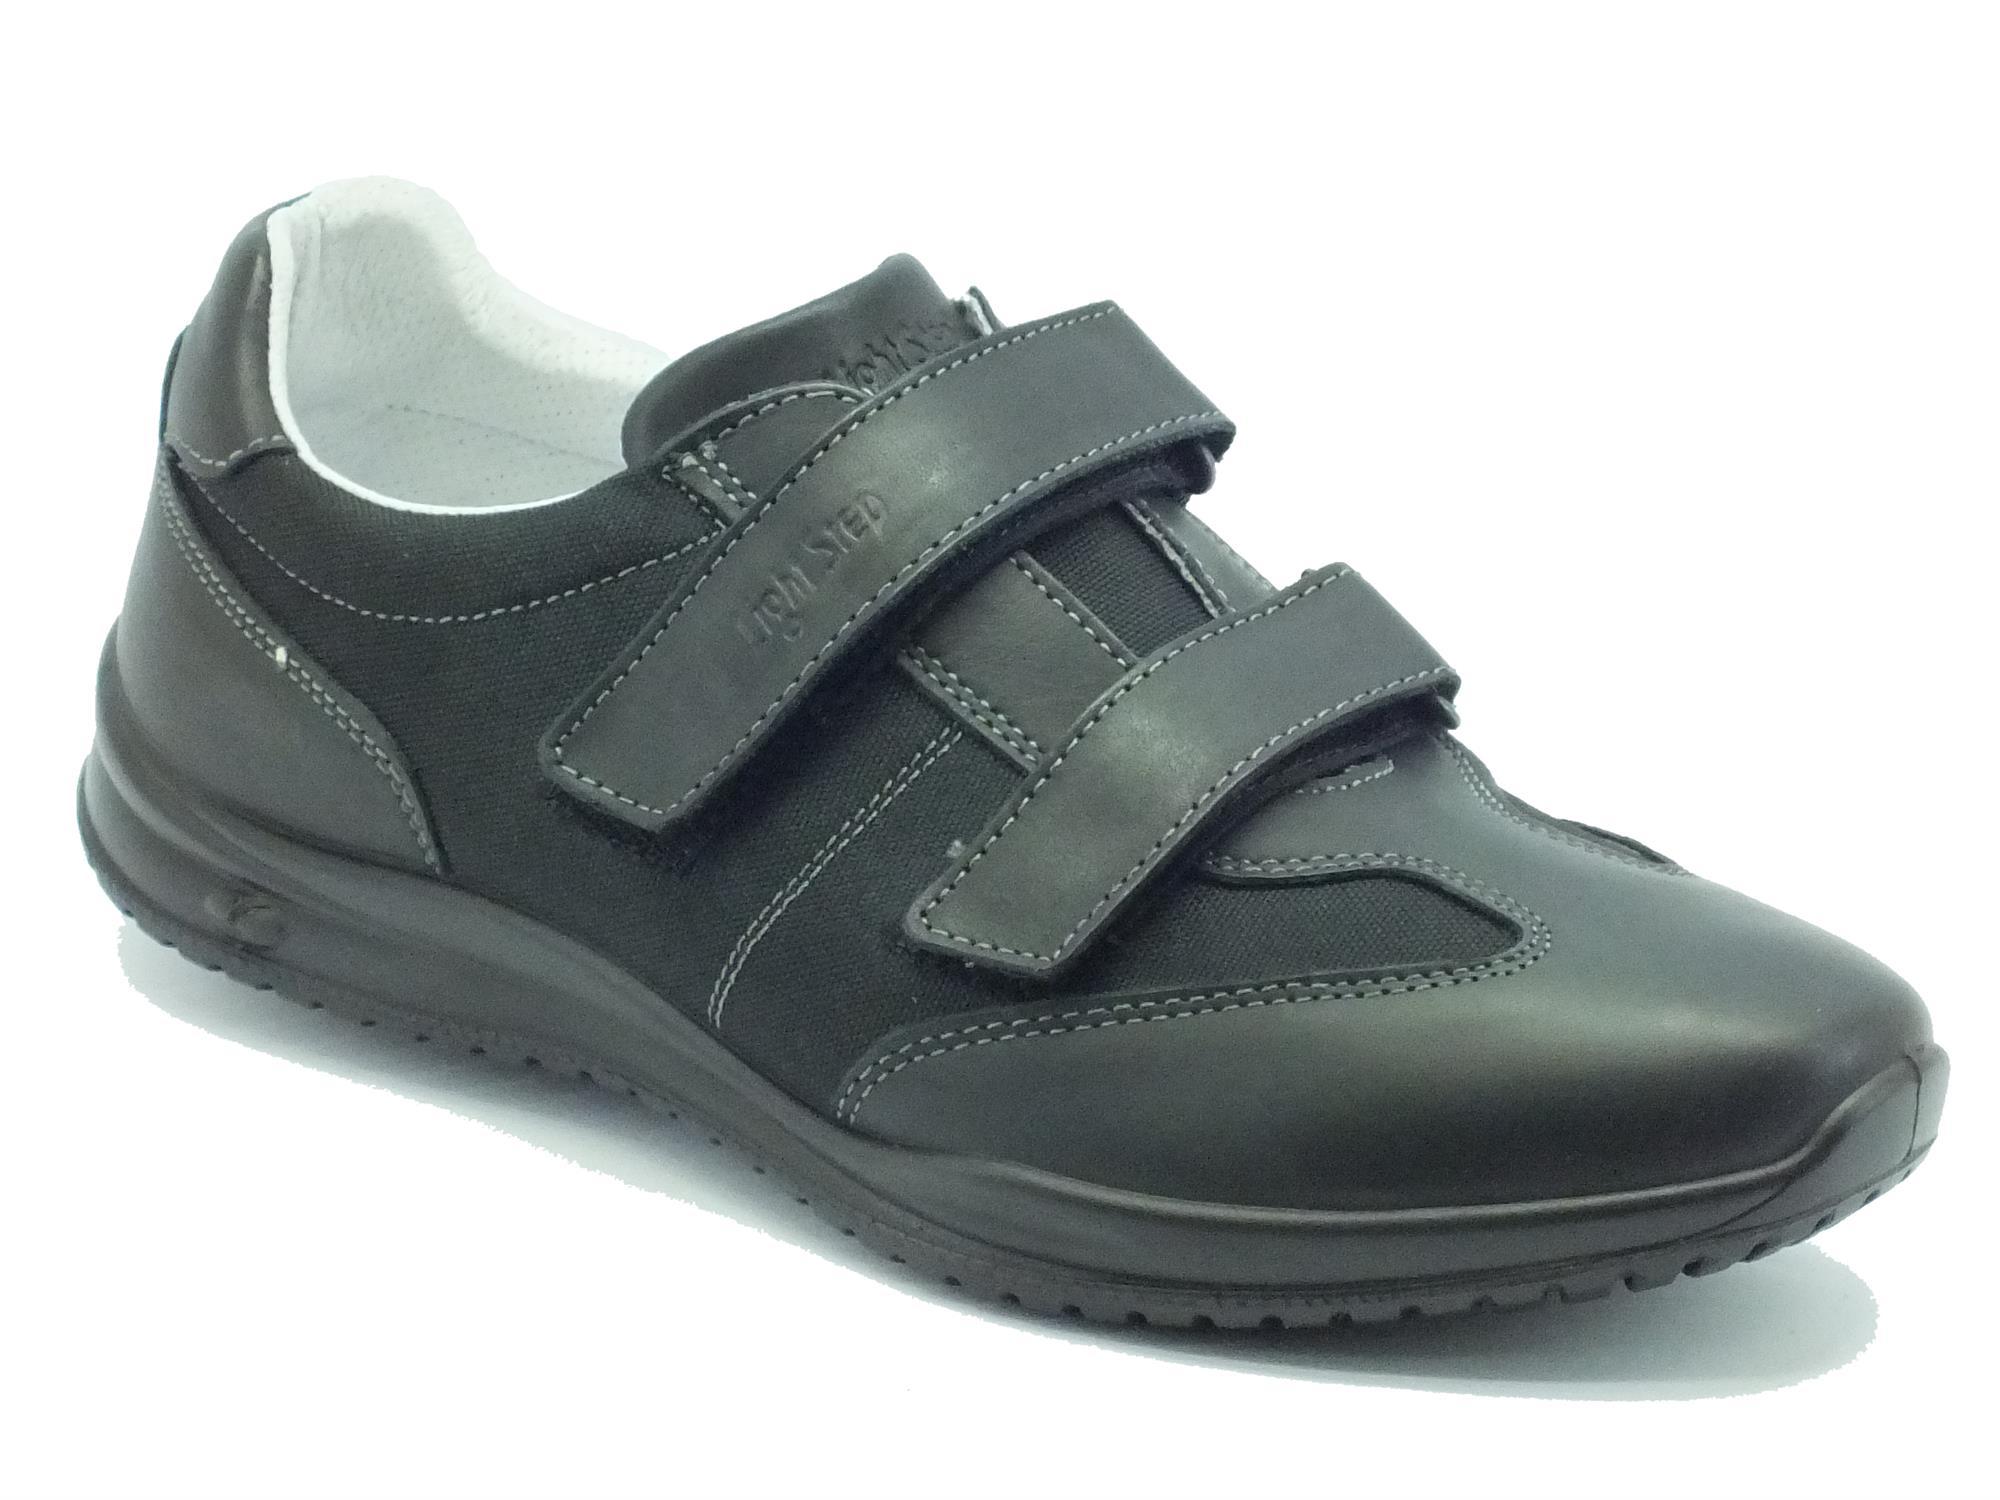 Scarpe Grisport Light Step pelle nera doppio strappo - Vitiello ... f601bbe88ac